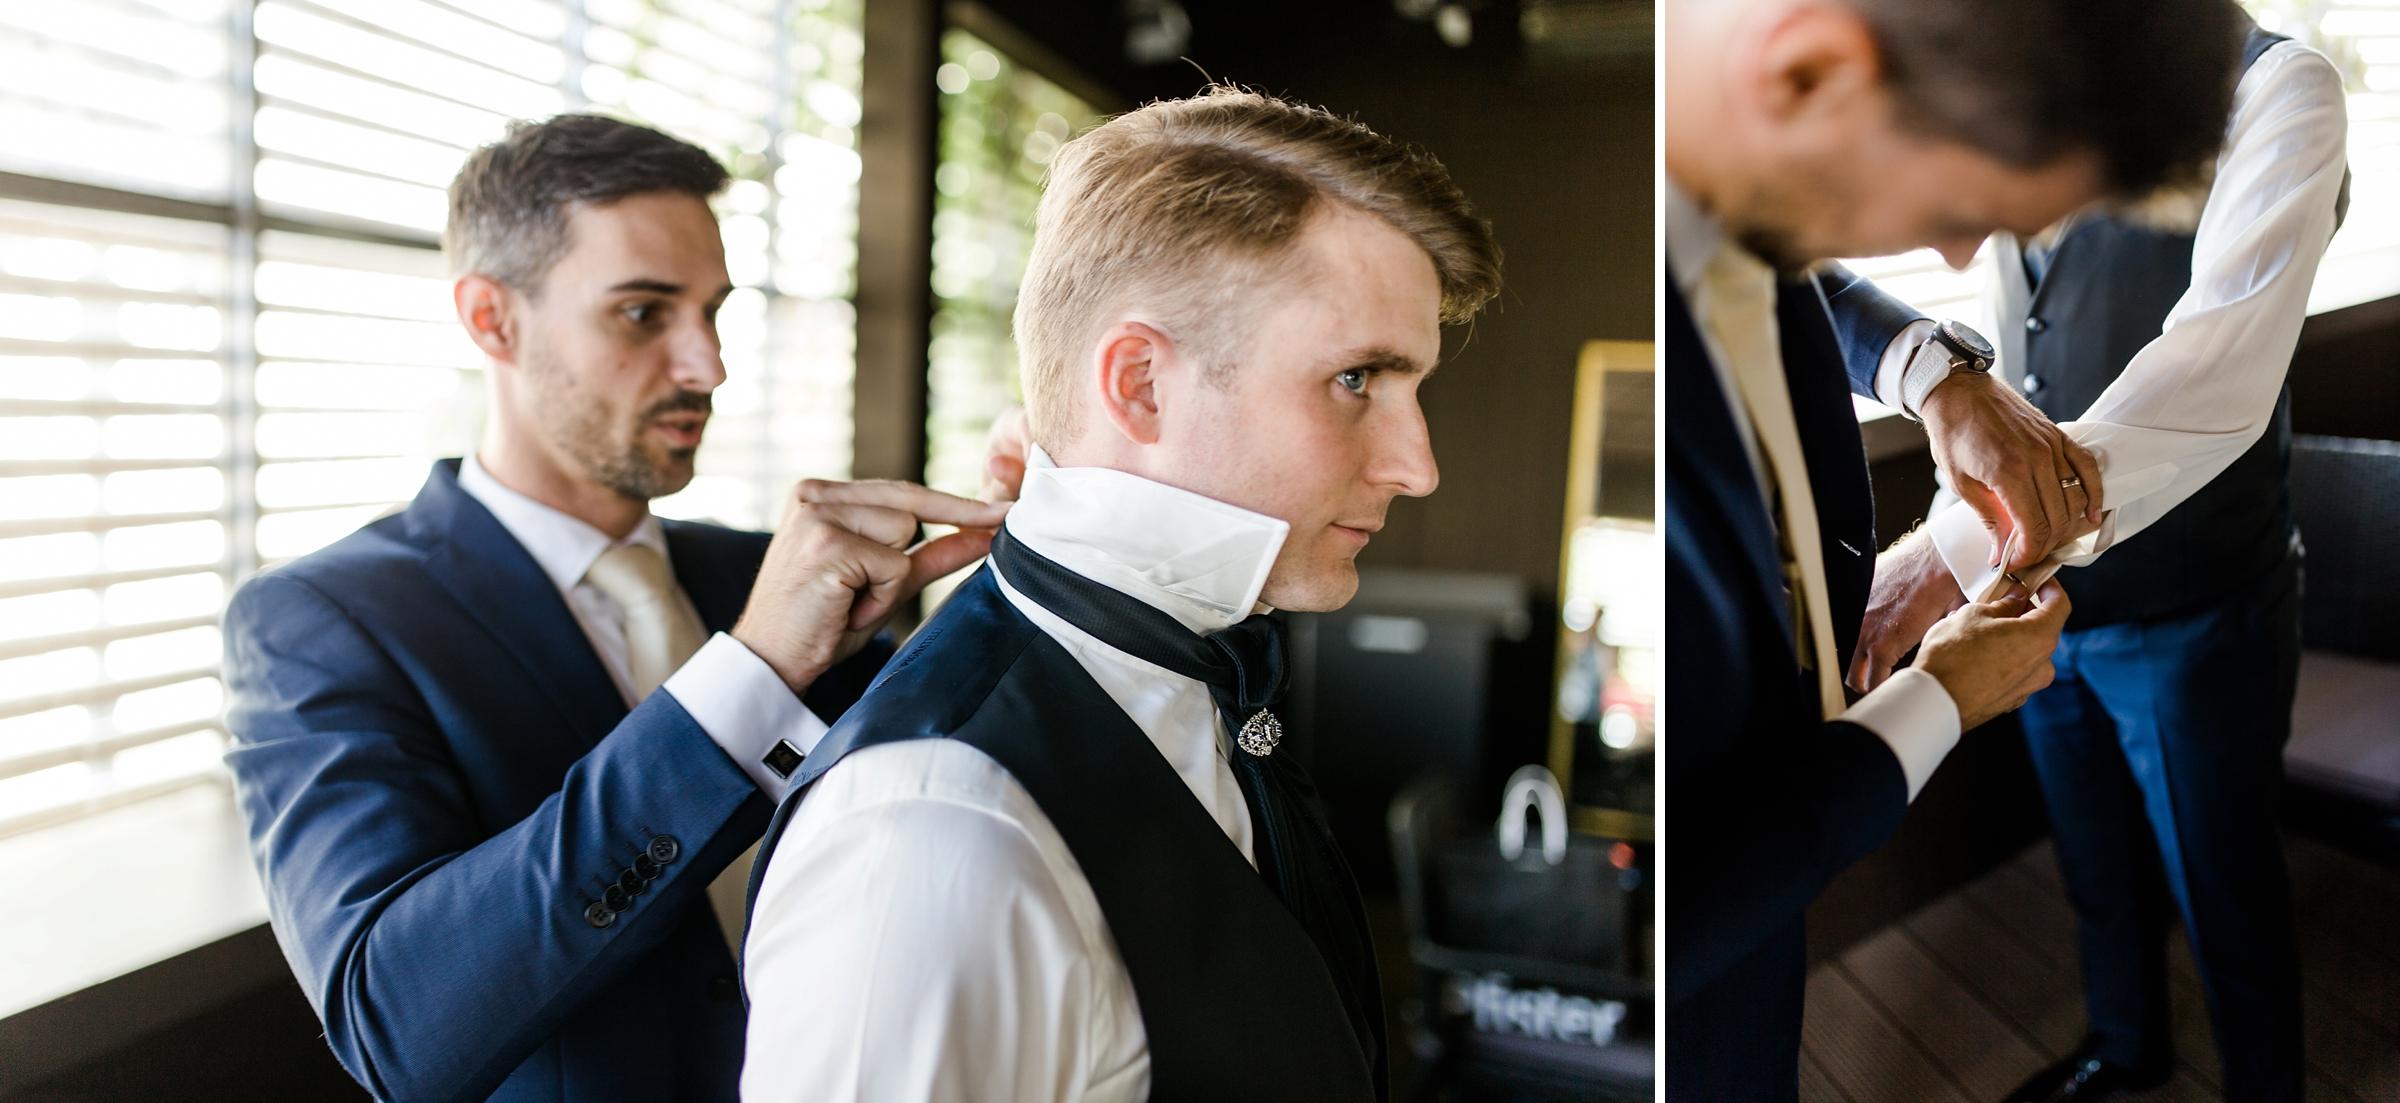 Hochzeitsreportage-Zuerich-Braeutigam-Getting-Ready-Trauzeuge-Giardino-Verde-Uitikon